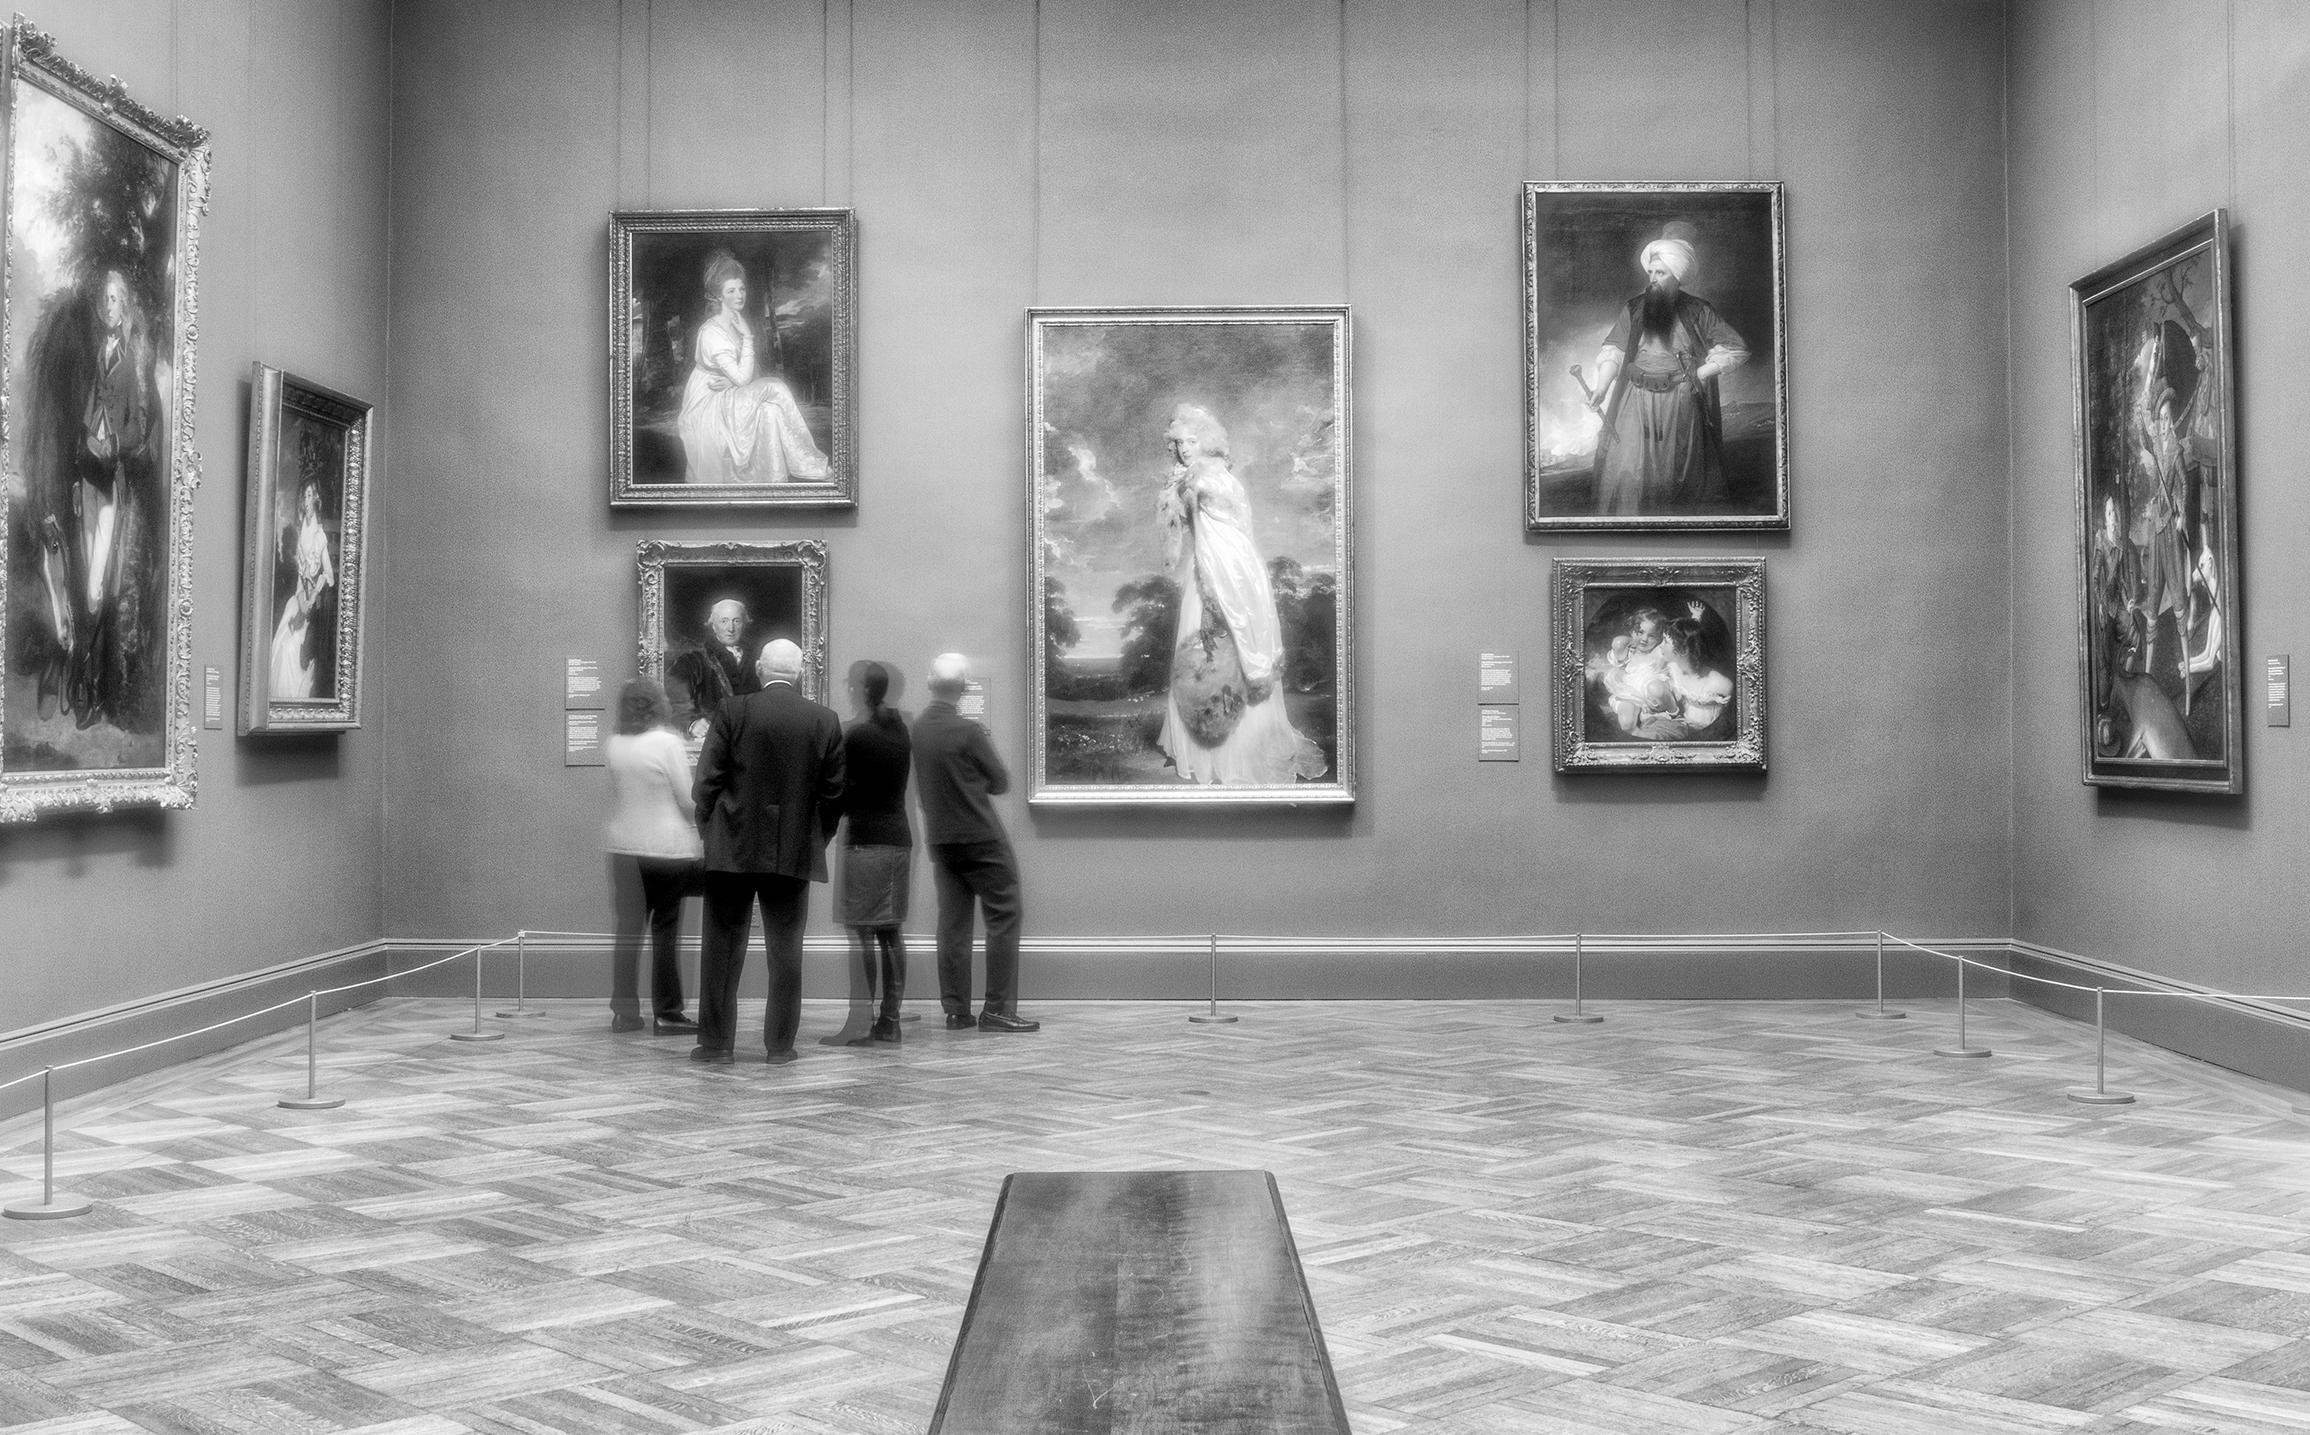 Museumgoers mat zxzqwc